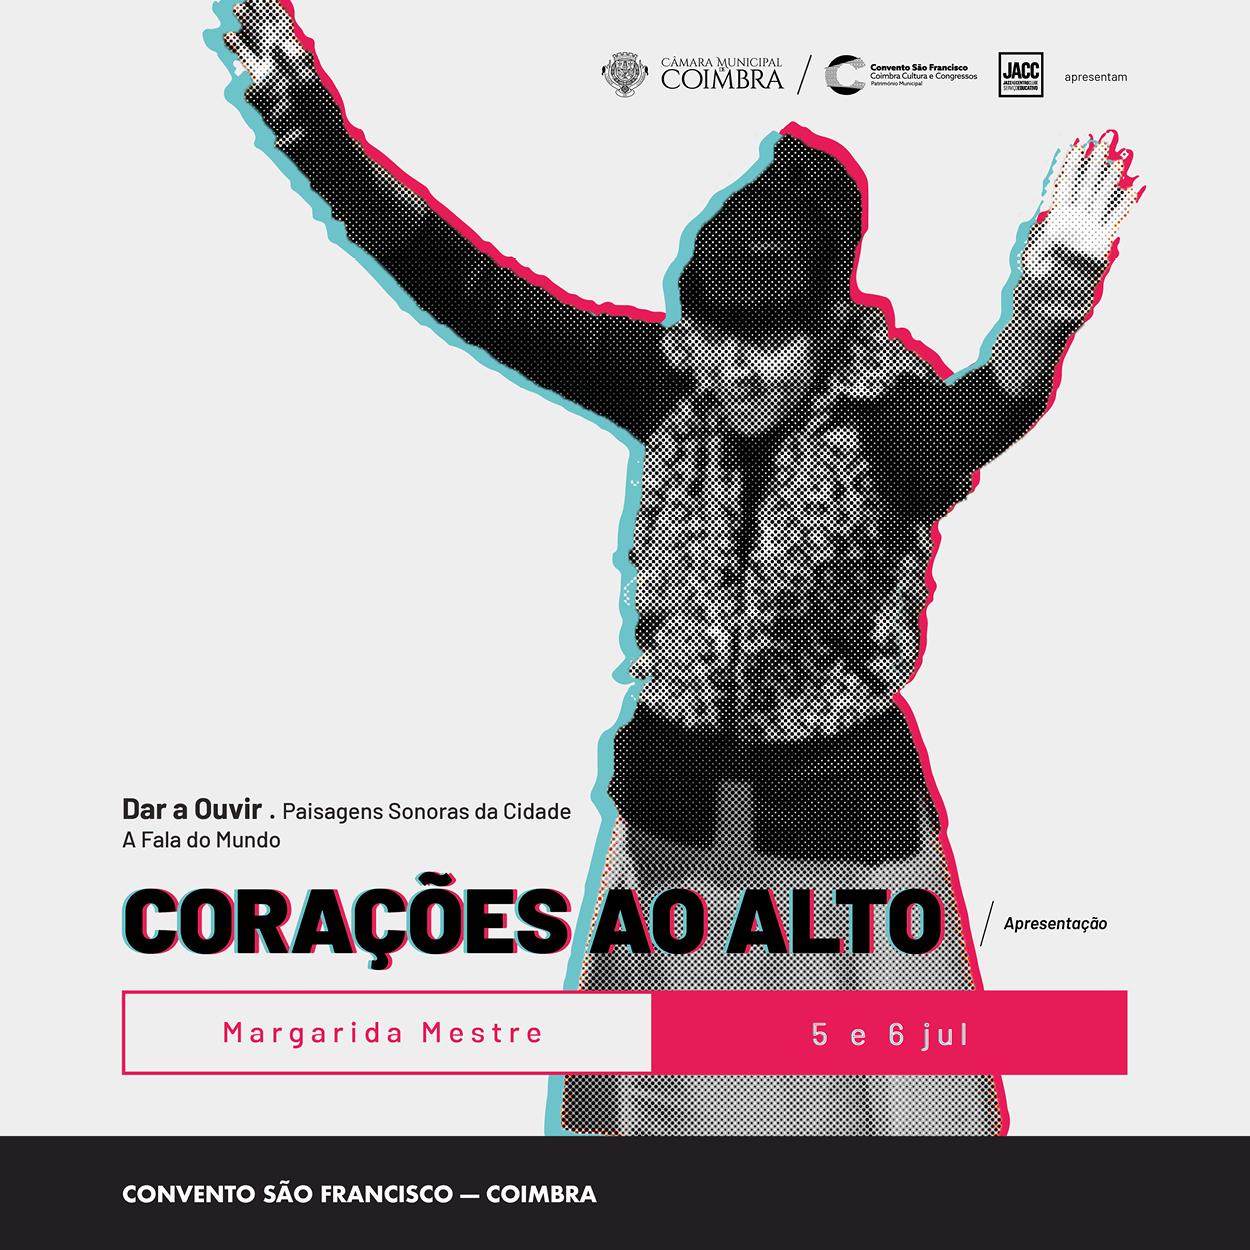 Outland Creative Studio Convento São Francisco 121